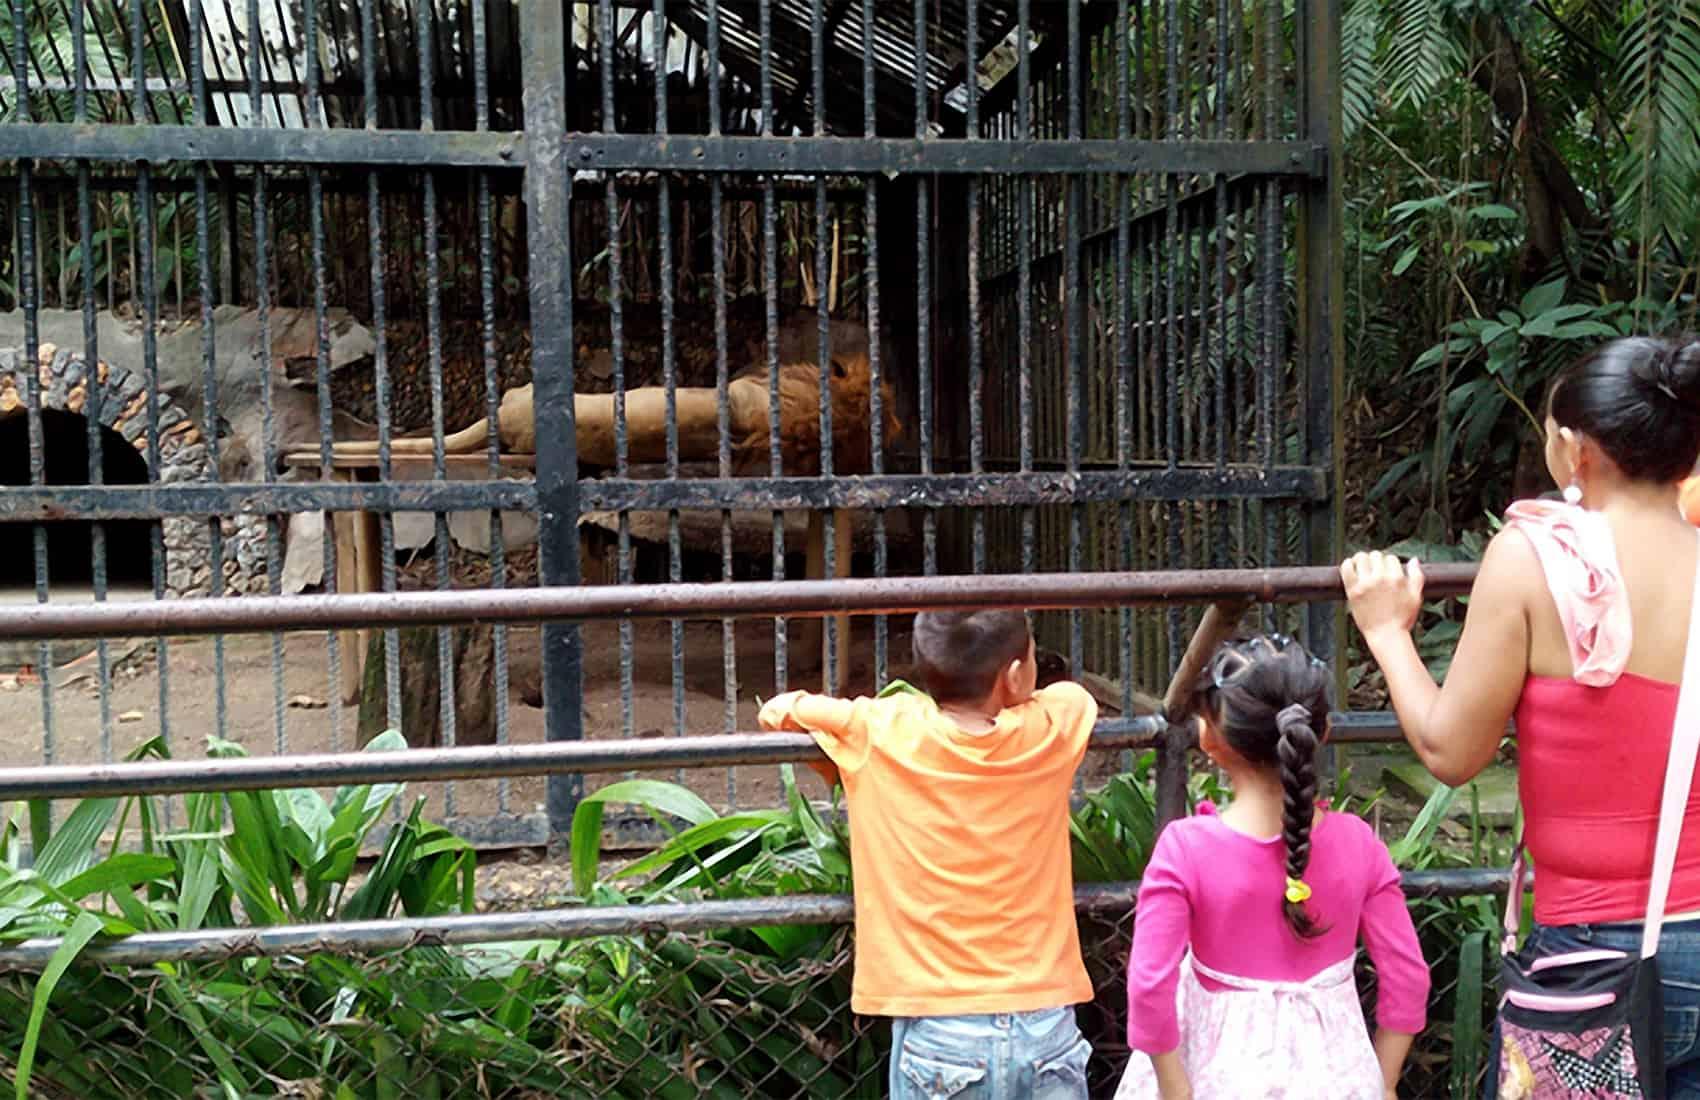 Kivú the lion. Simón Bolívar zoo in downtown San José